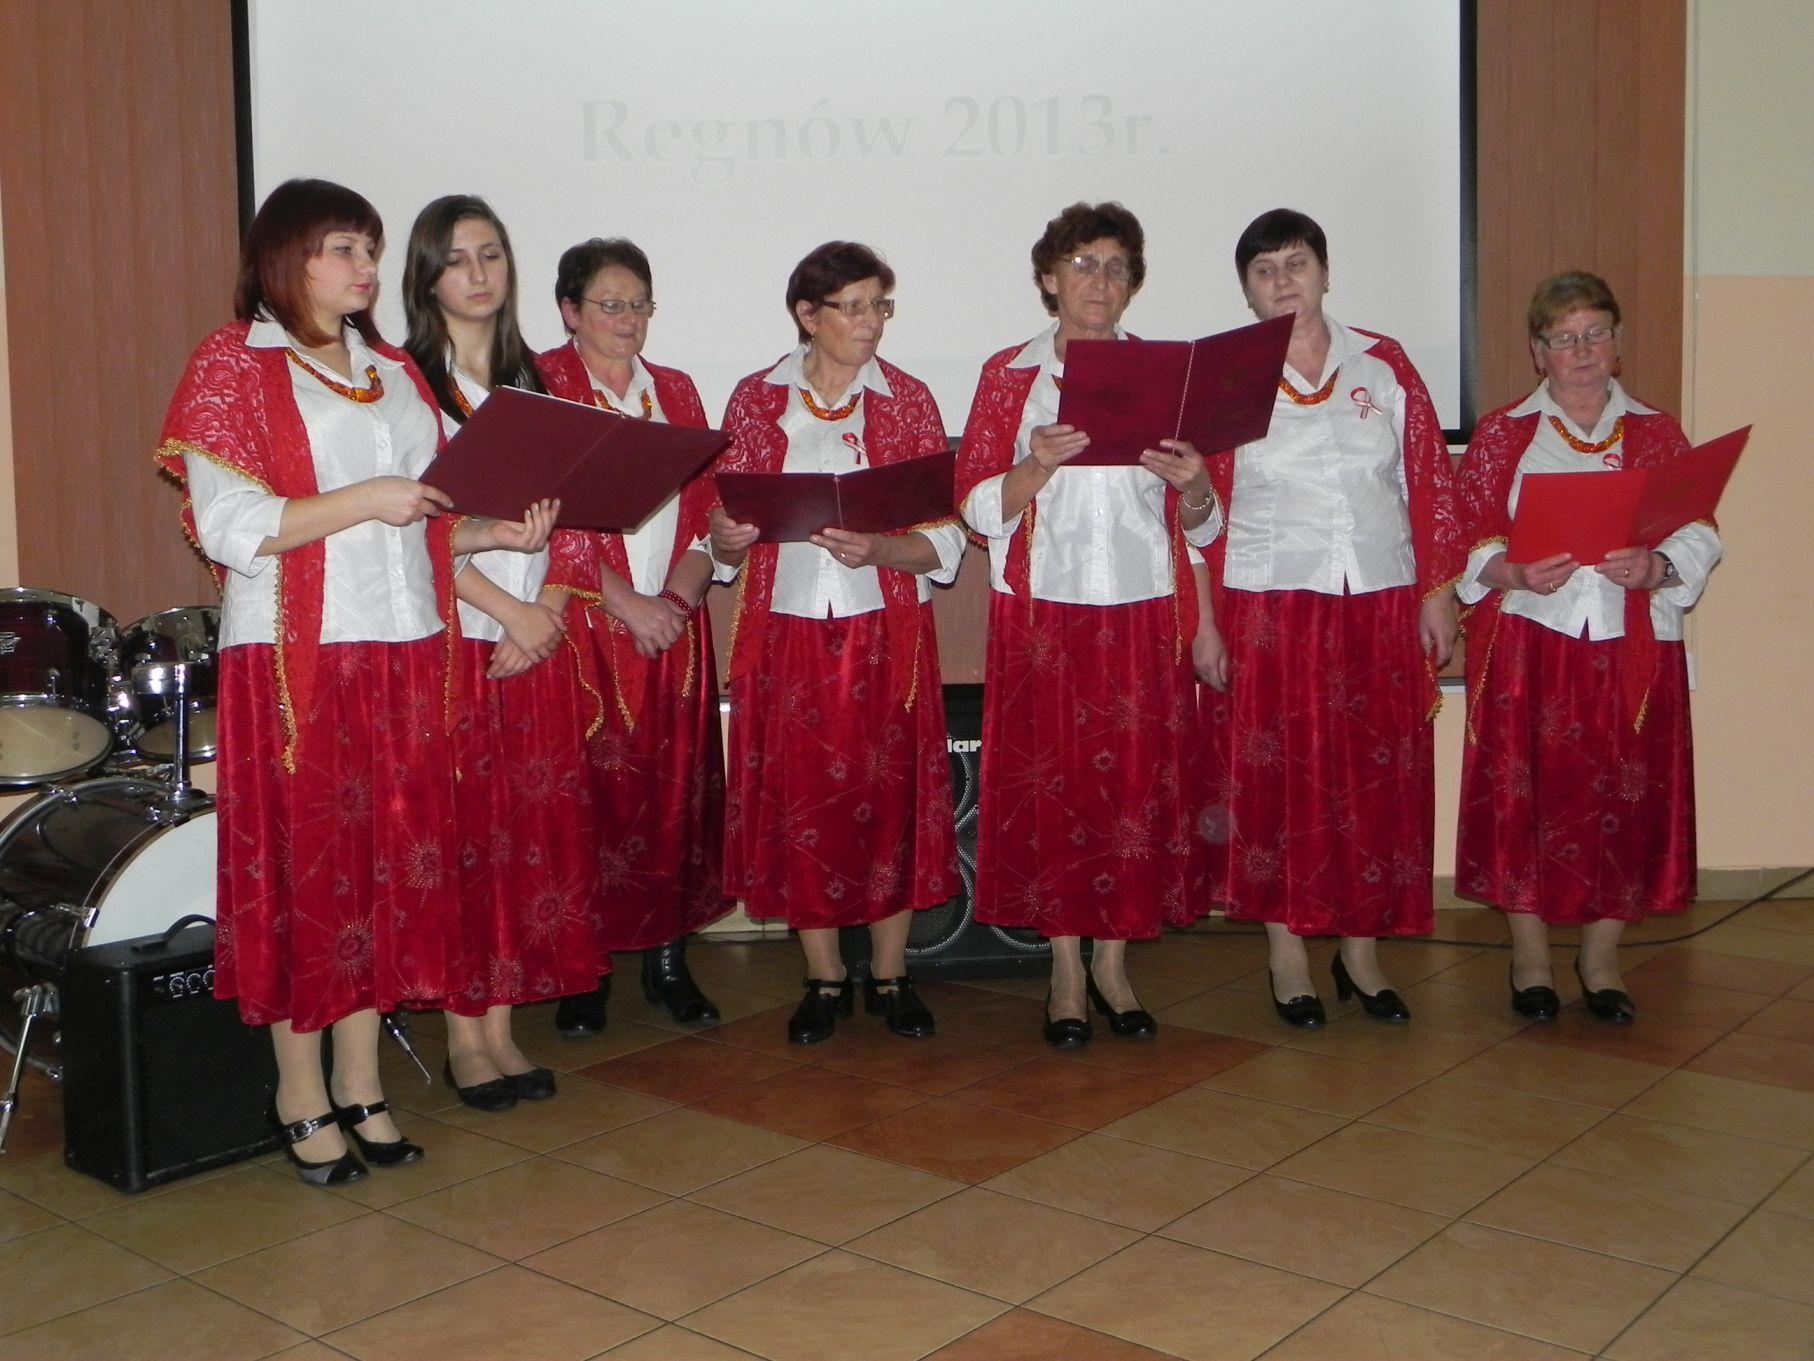 2013-11-09 11 listopada - Regnów (79)